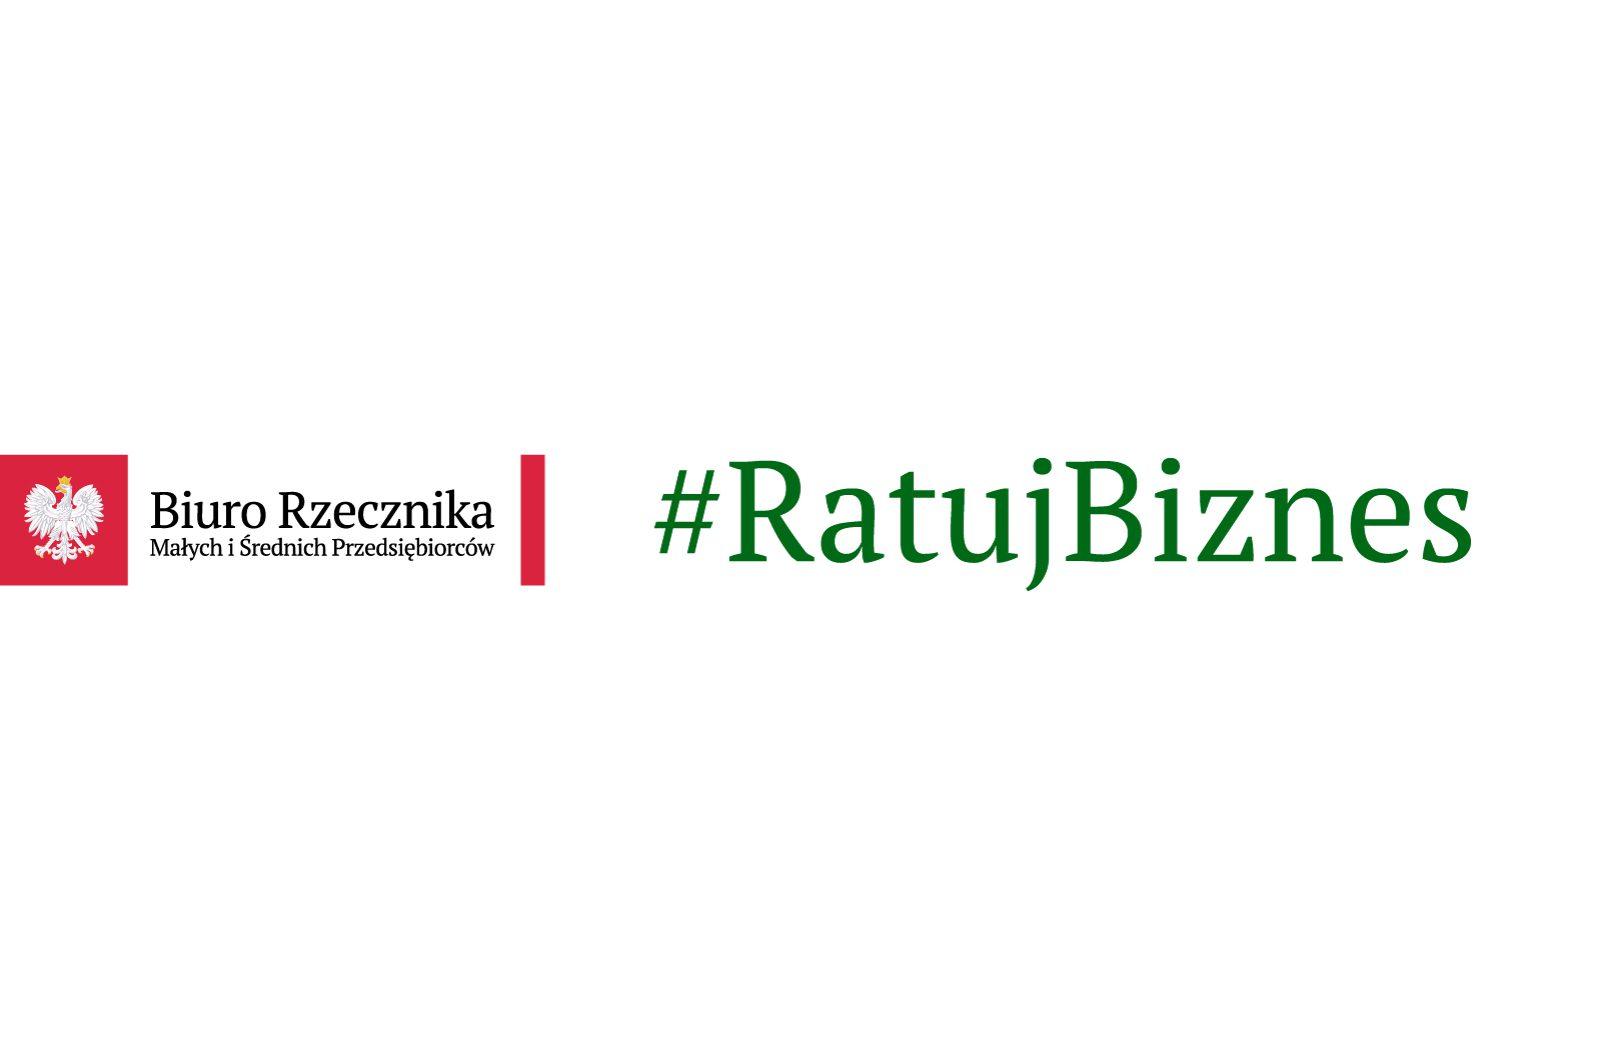 Logo Biura Rzecznika # RatujBiznes